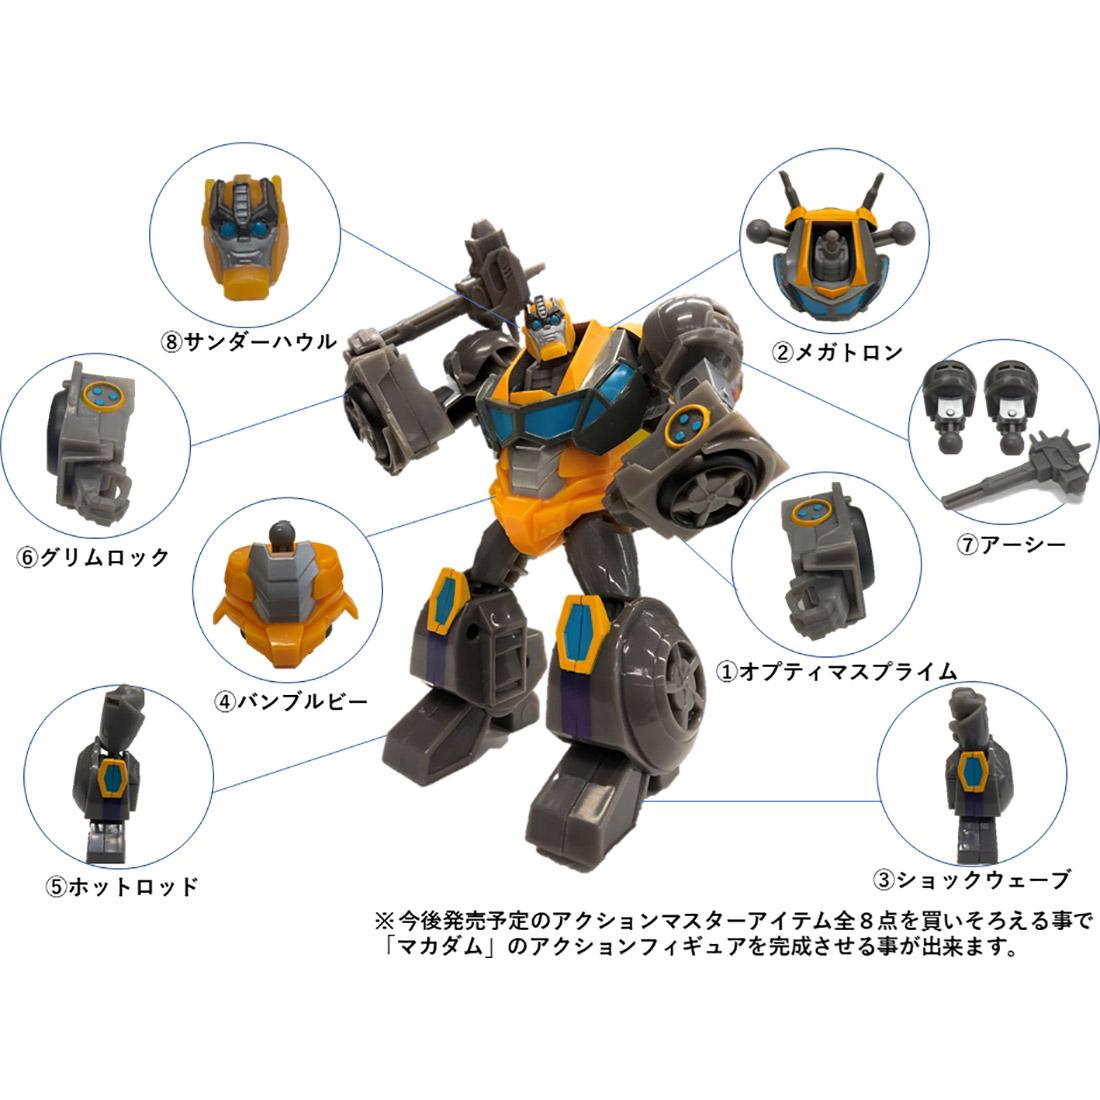 【限定販売】サイバーバース アクションマスター04『バンブルビー』トランスフォーマー 可変可動フィギュア-010